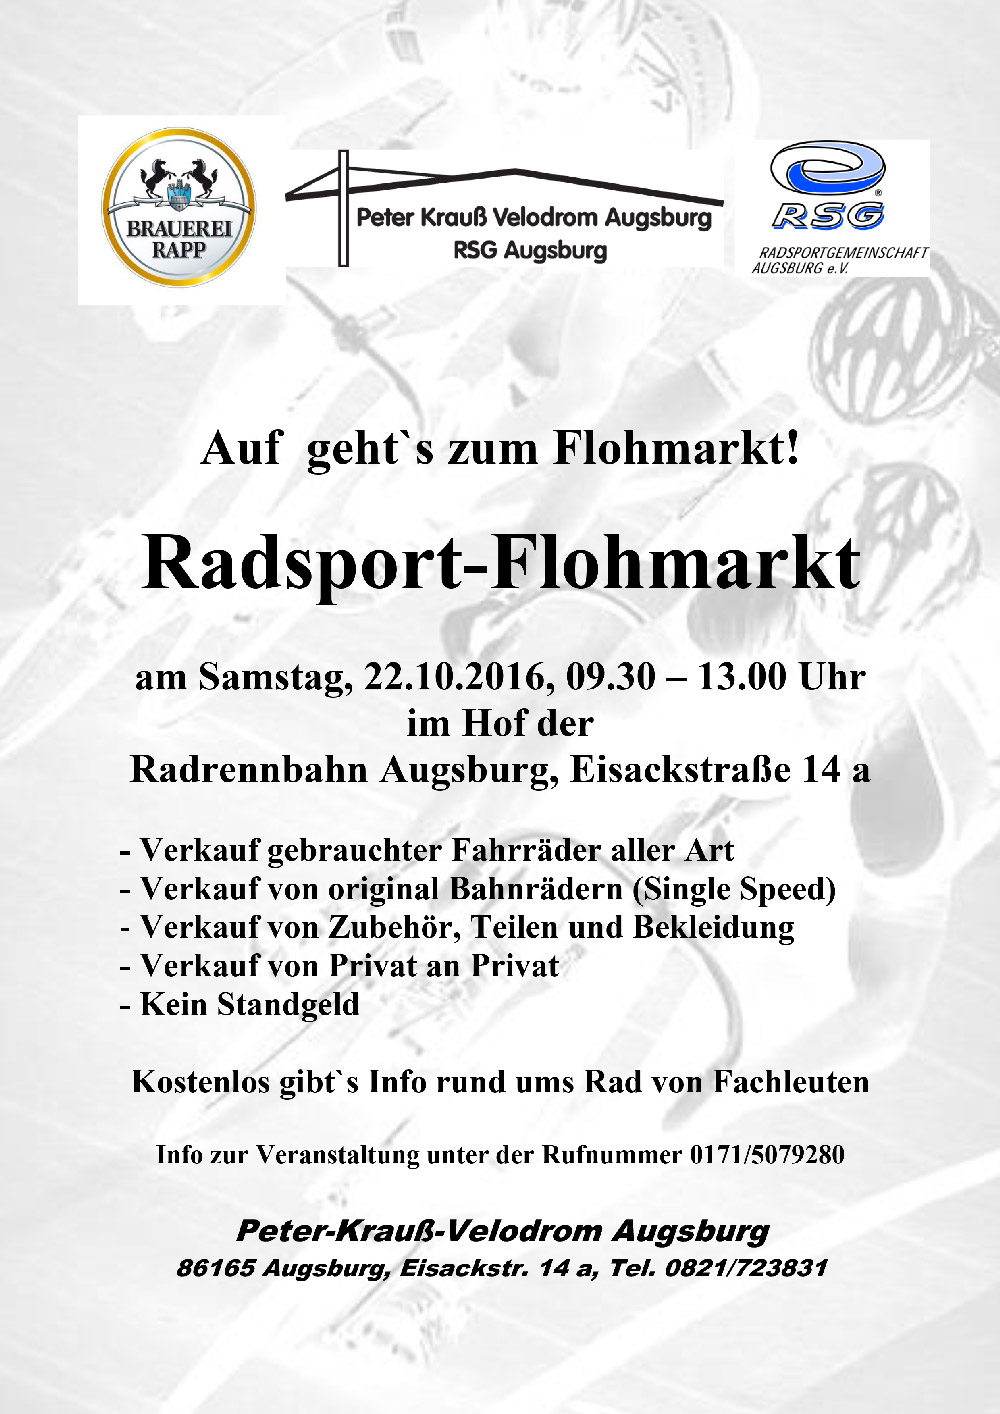 flohmarkt-2016-herbst